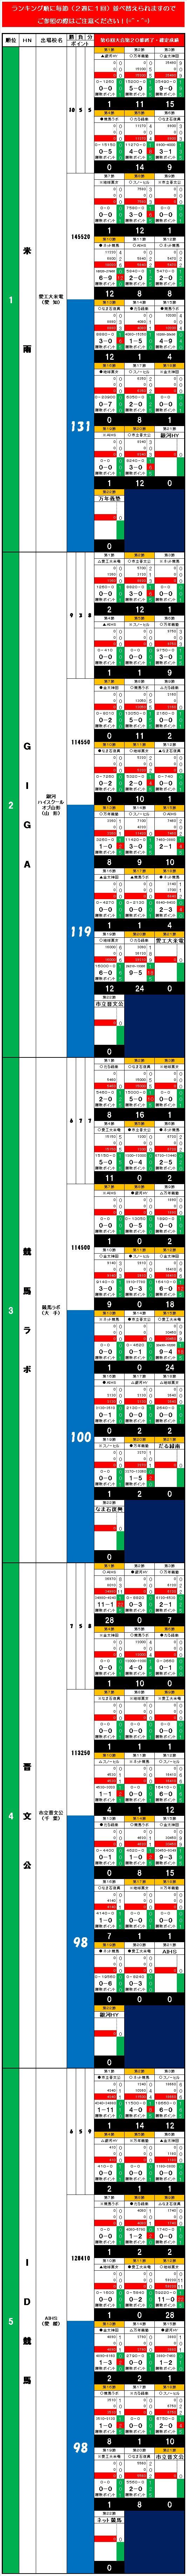 20150329・ダルマンリーグ第20節後半終了個人成績データ①.jpg